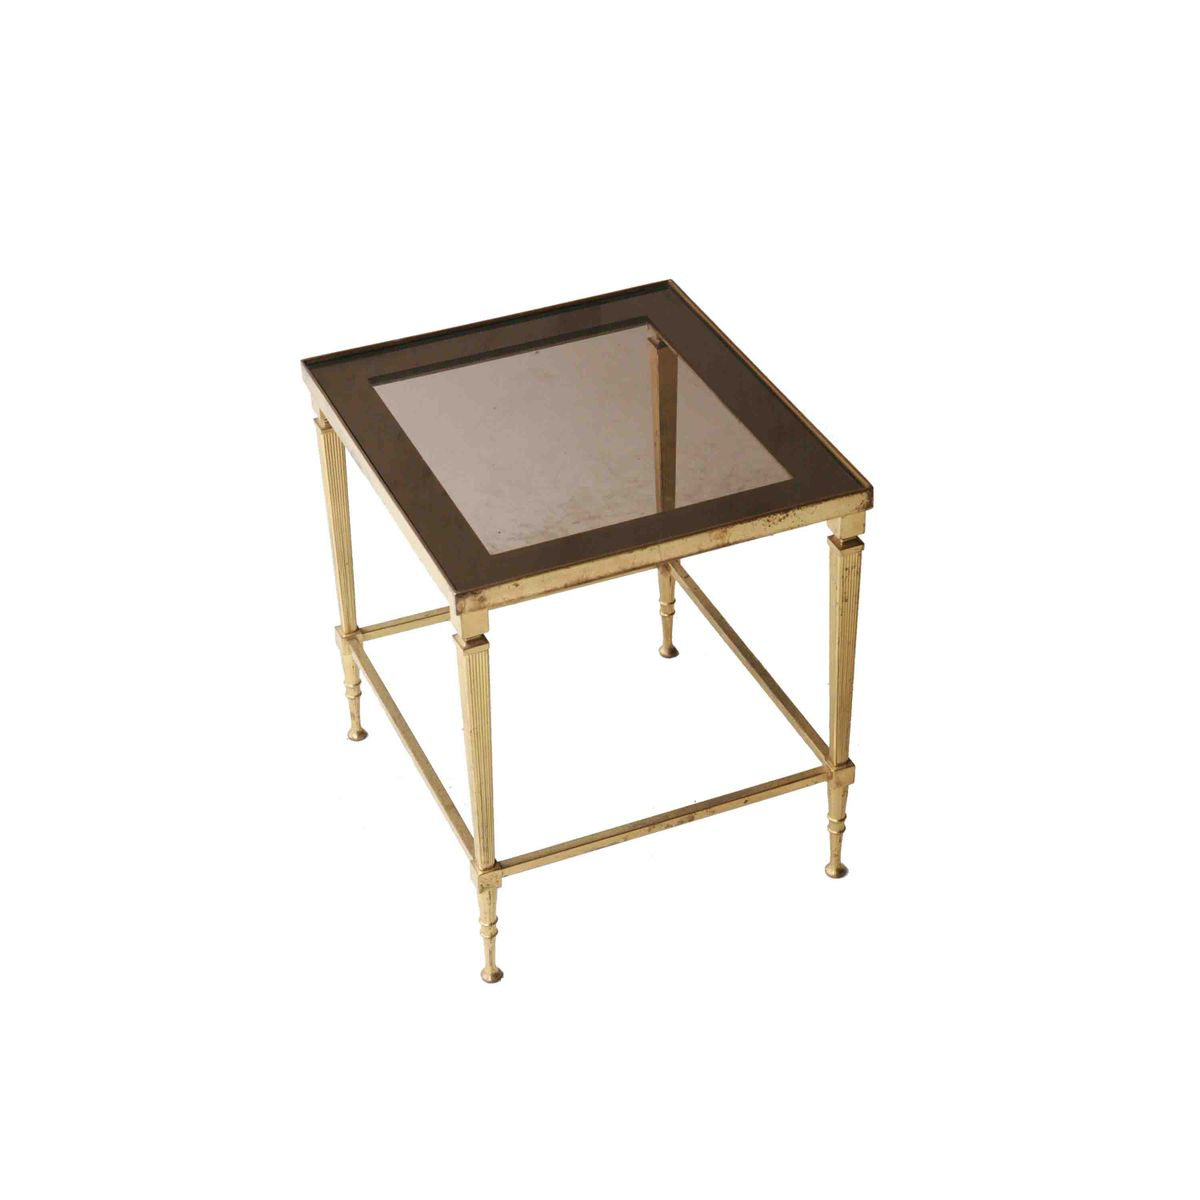 beistelltisch von maison jansen 1960er bei pamono kaufen. Black Bedroom Furniture Sets. Home Design Ideas